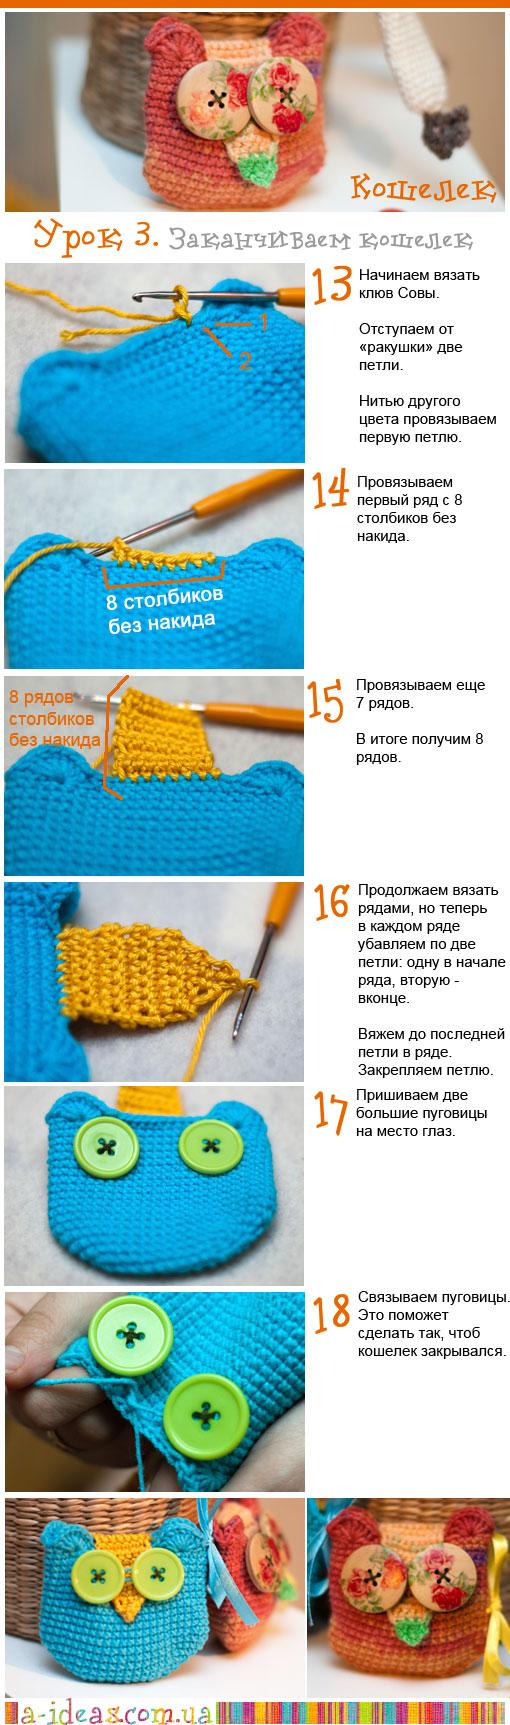 Как вязать кошелёк крючком